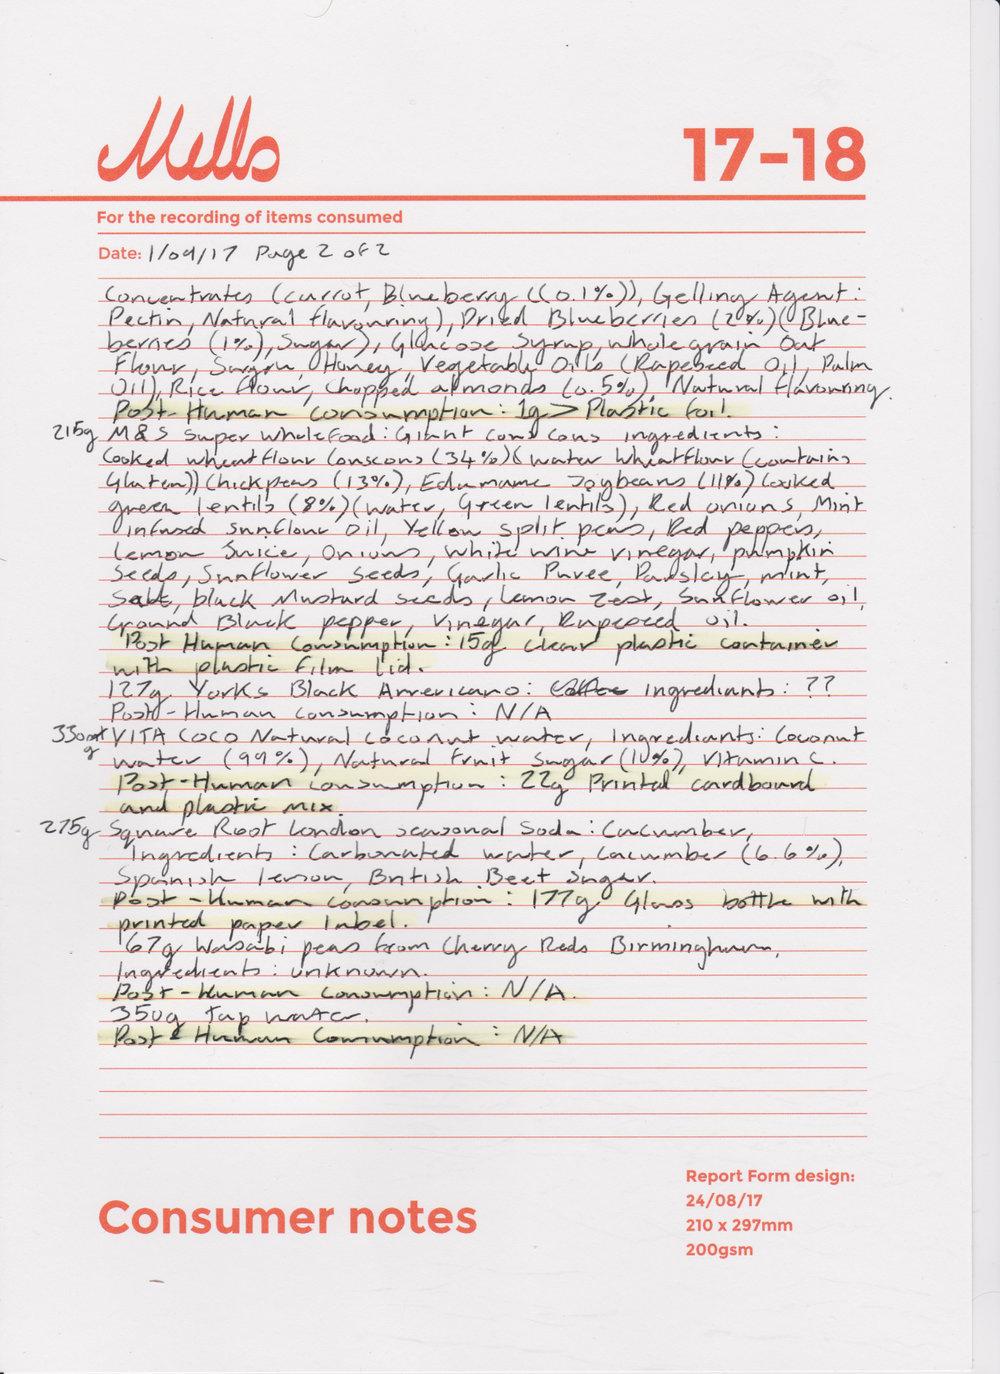 Steven Mills Consumer notes 010917 pg2 of 2.jpg